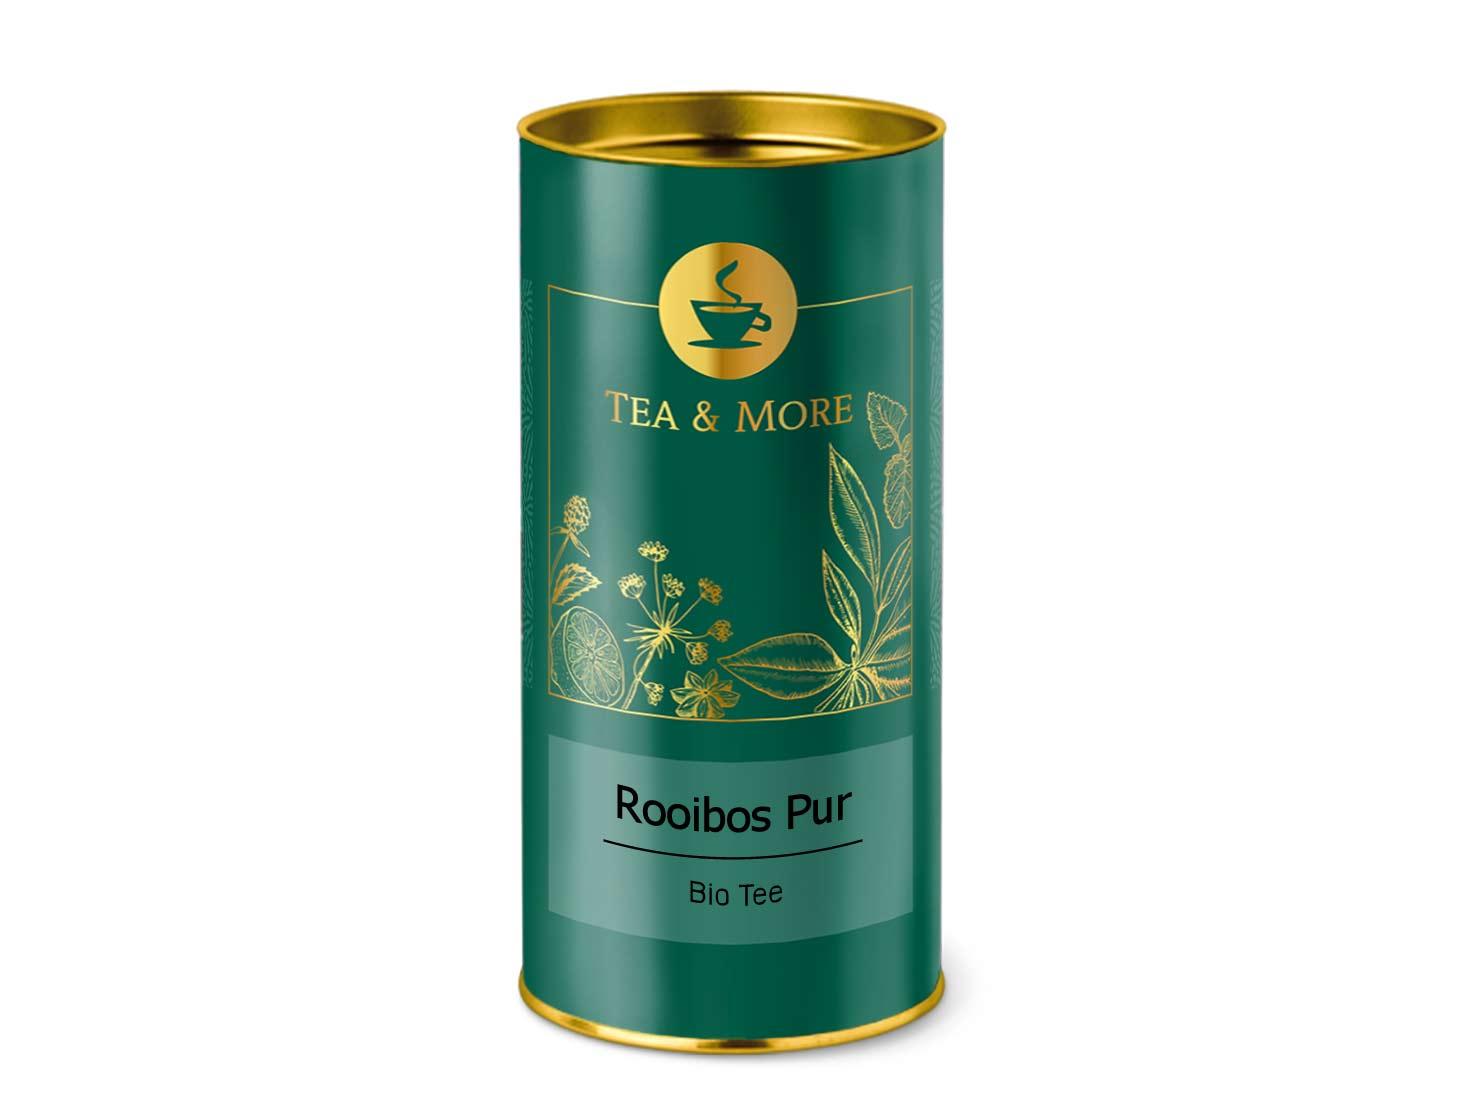 Rooibos pur (Bio)